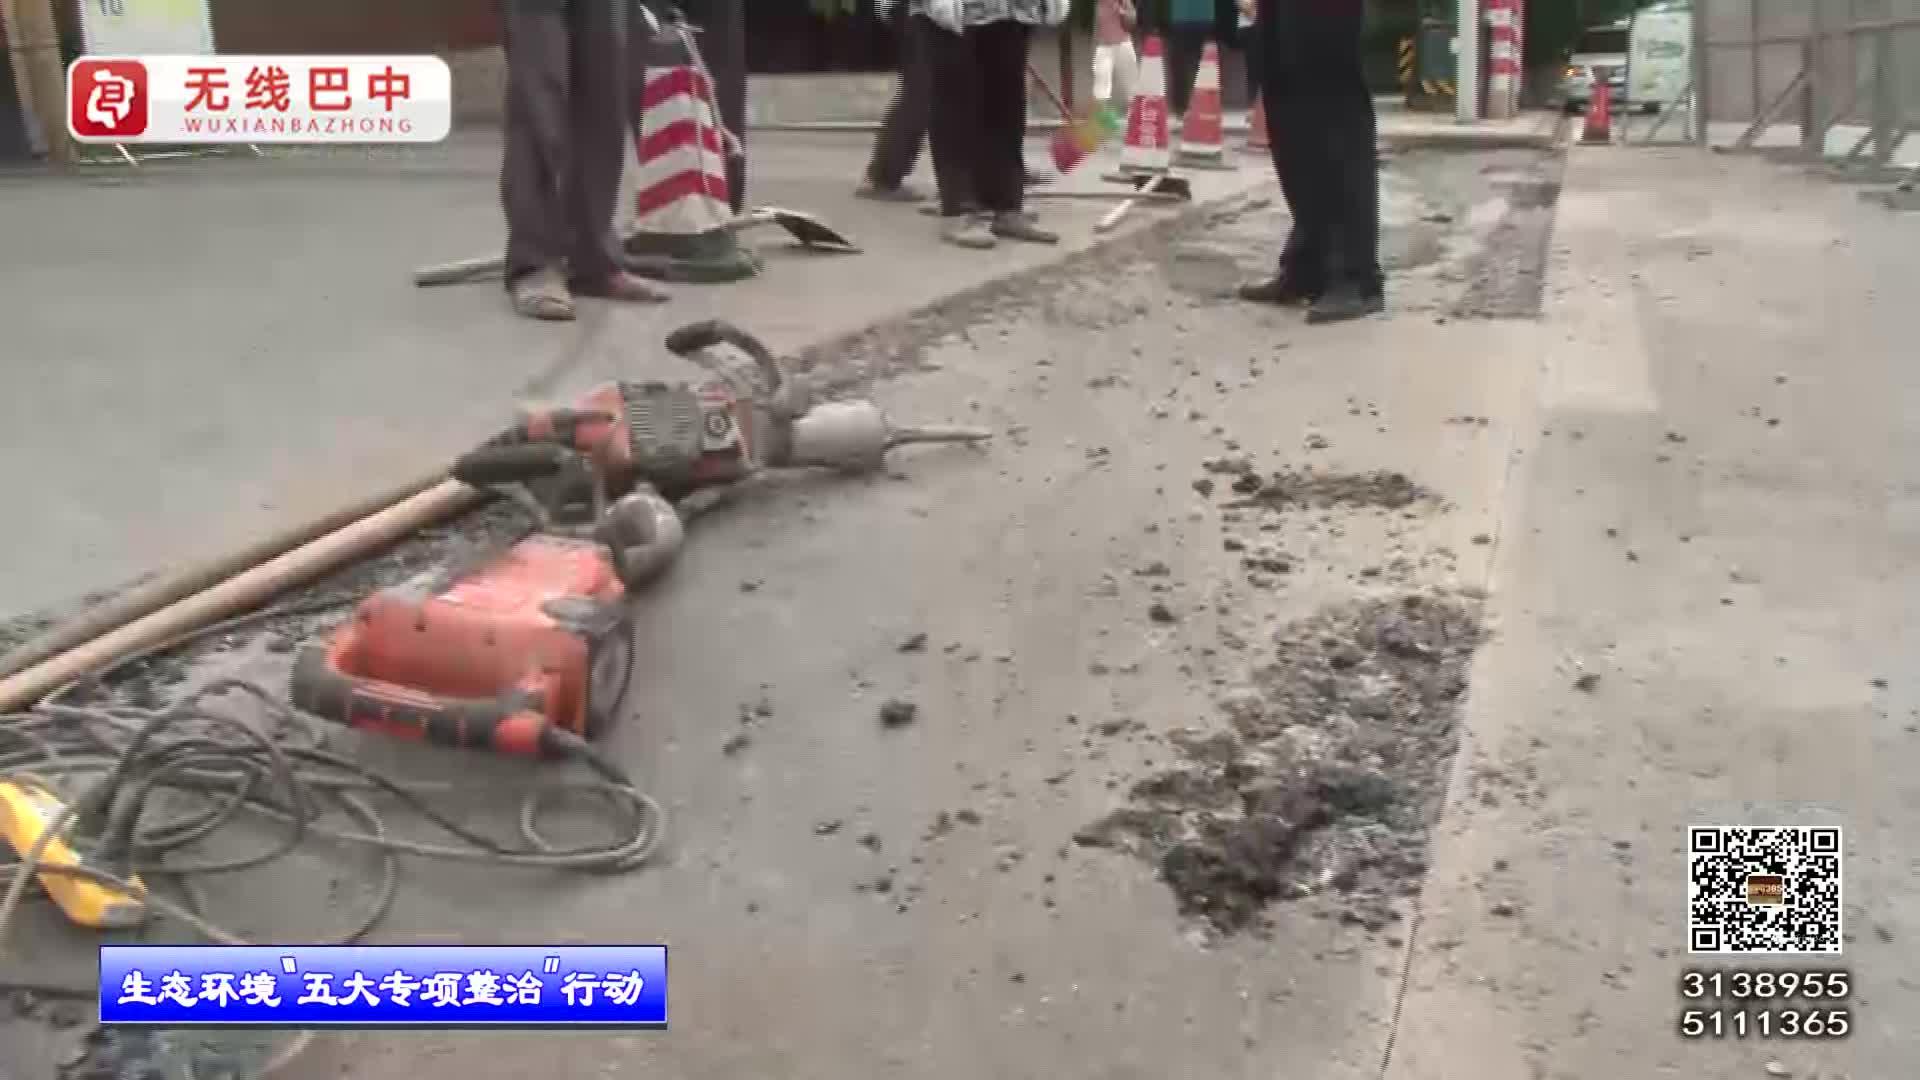 治理尘埃污染 巴城一施工点被停工整改